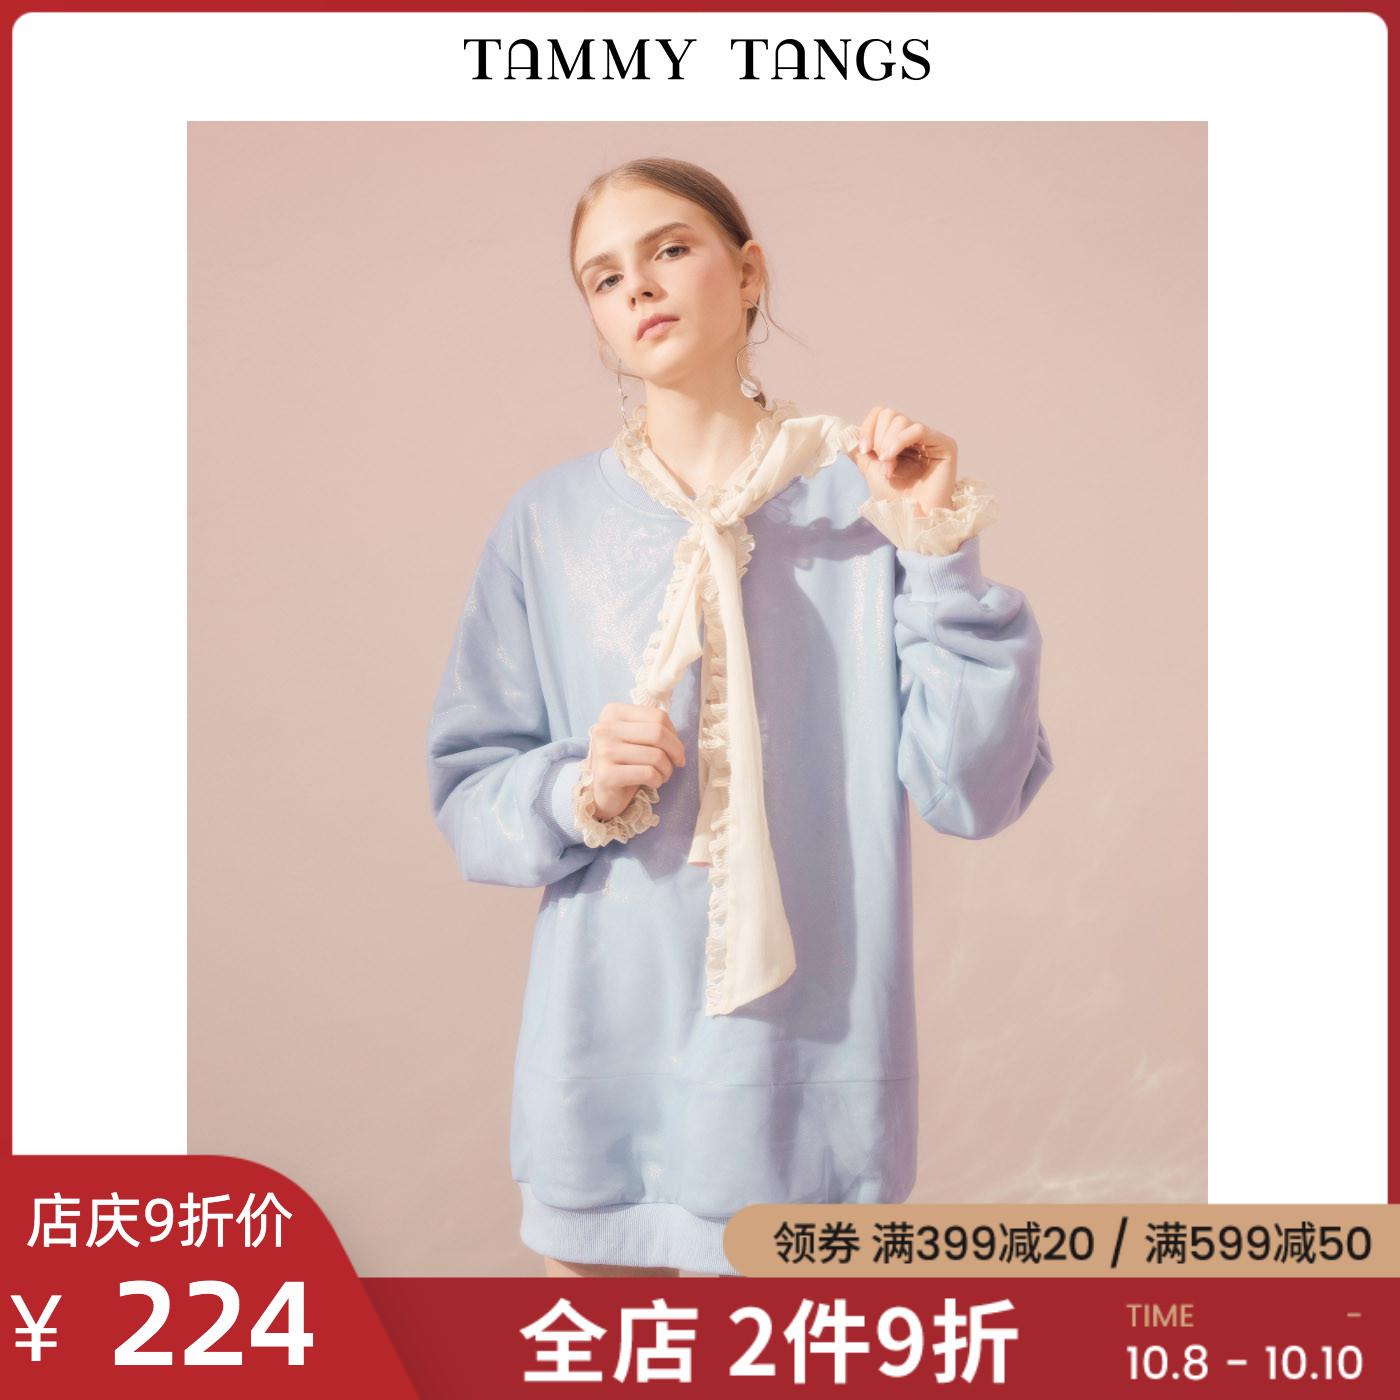 热销20件包邮糖力2019冬季新款蓝色长袖圆领套头慵懒宽松拼接网纱中长款卫衣女